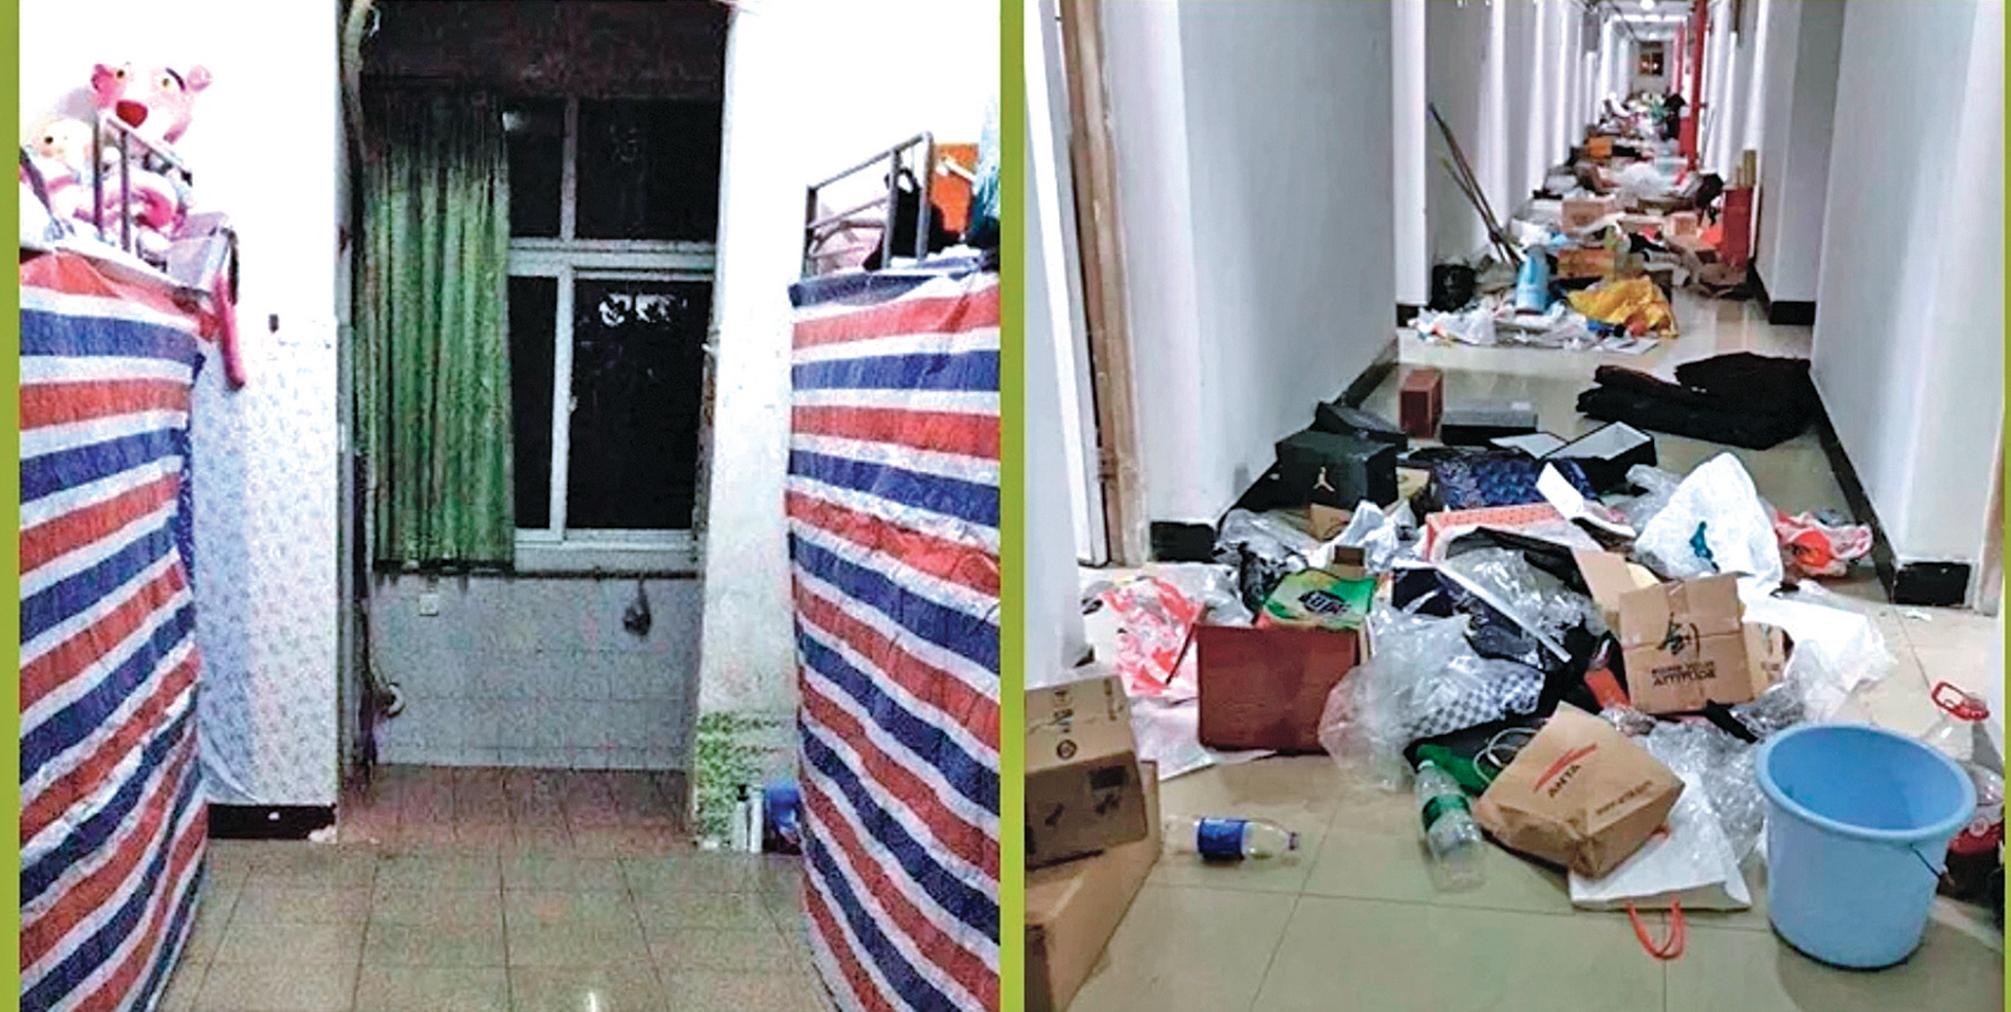 武漢疫情仍在蔓延,官方徵用校舍做病房,相關學生受到影響,紛紛抱怨沒被提前告知,東西被扔出。(網絡圖片)